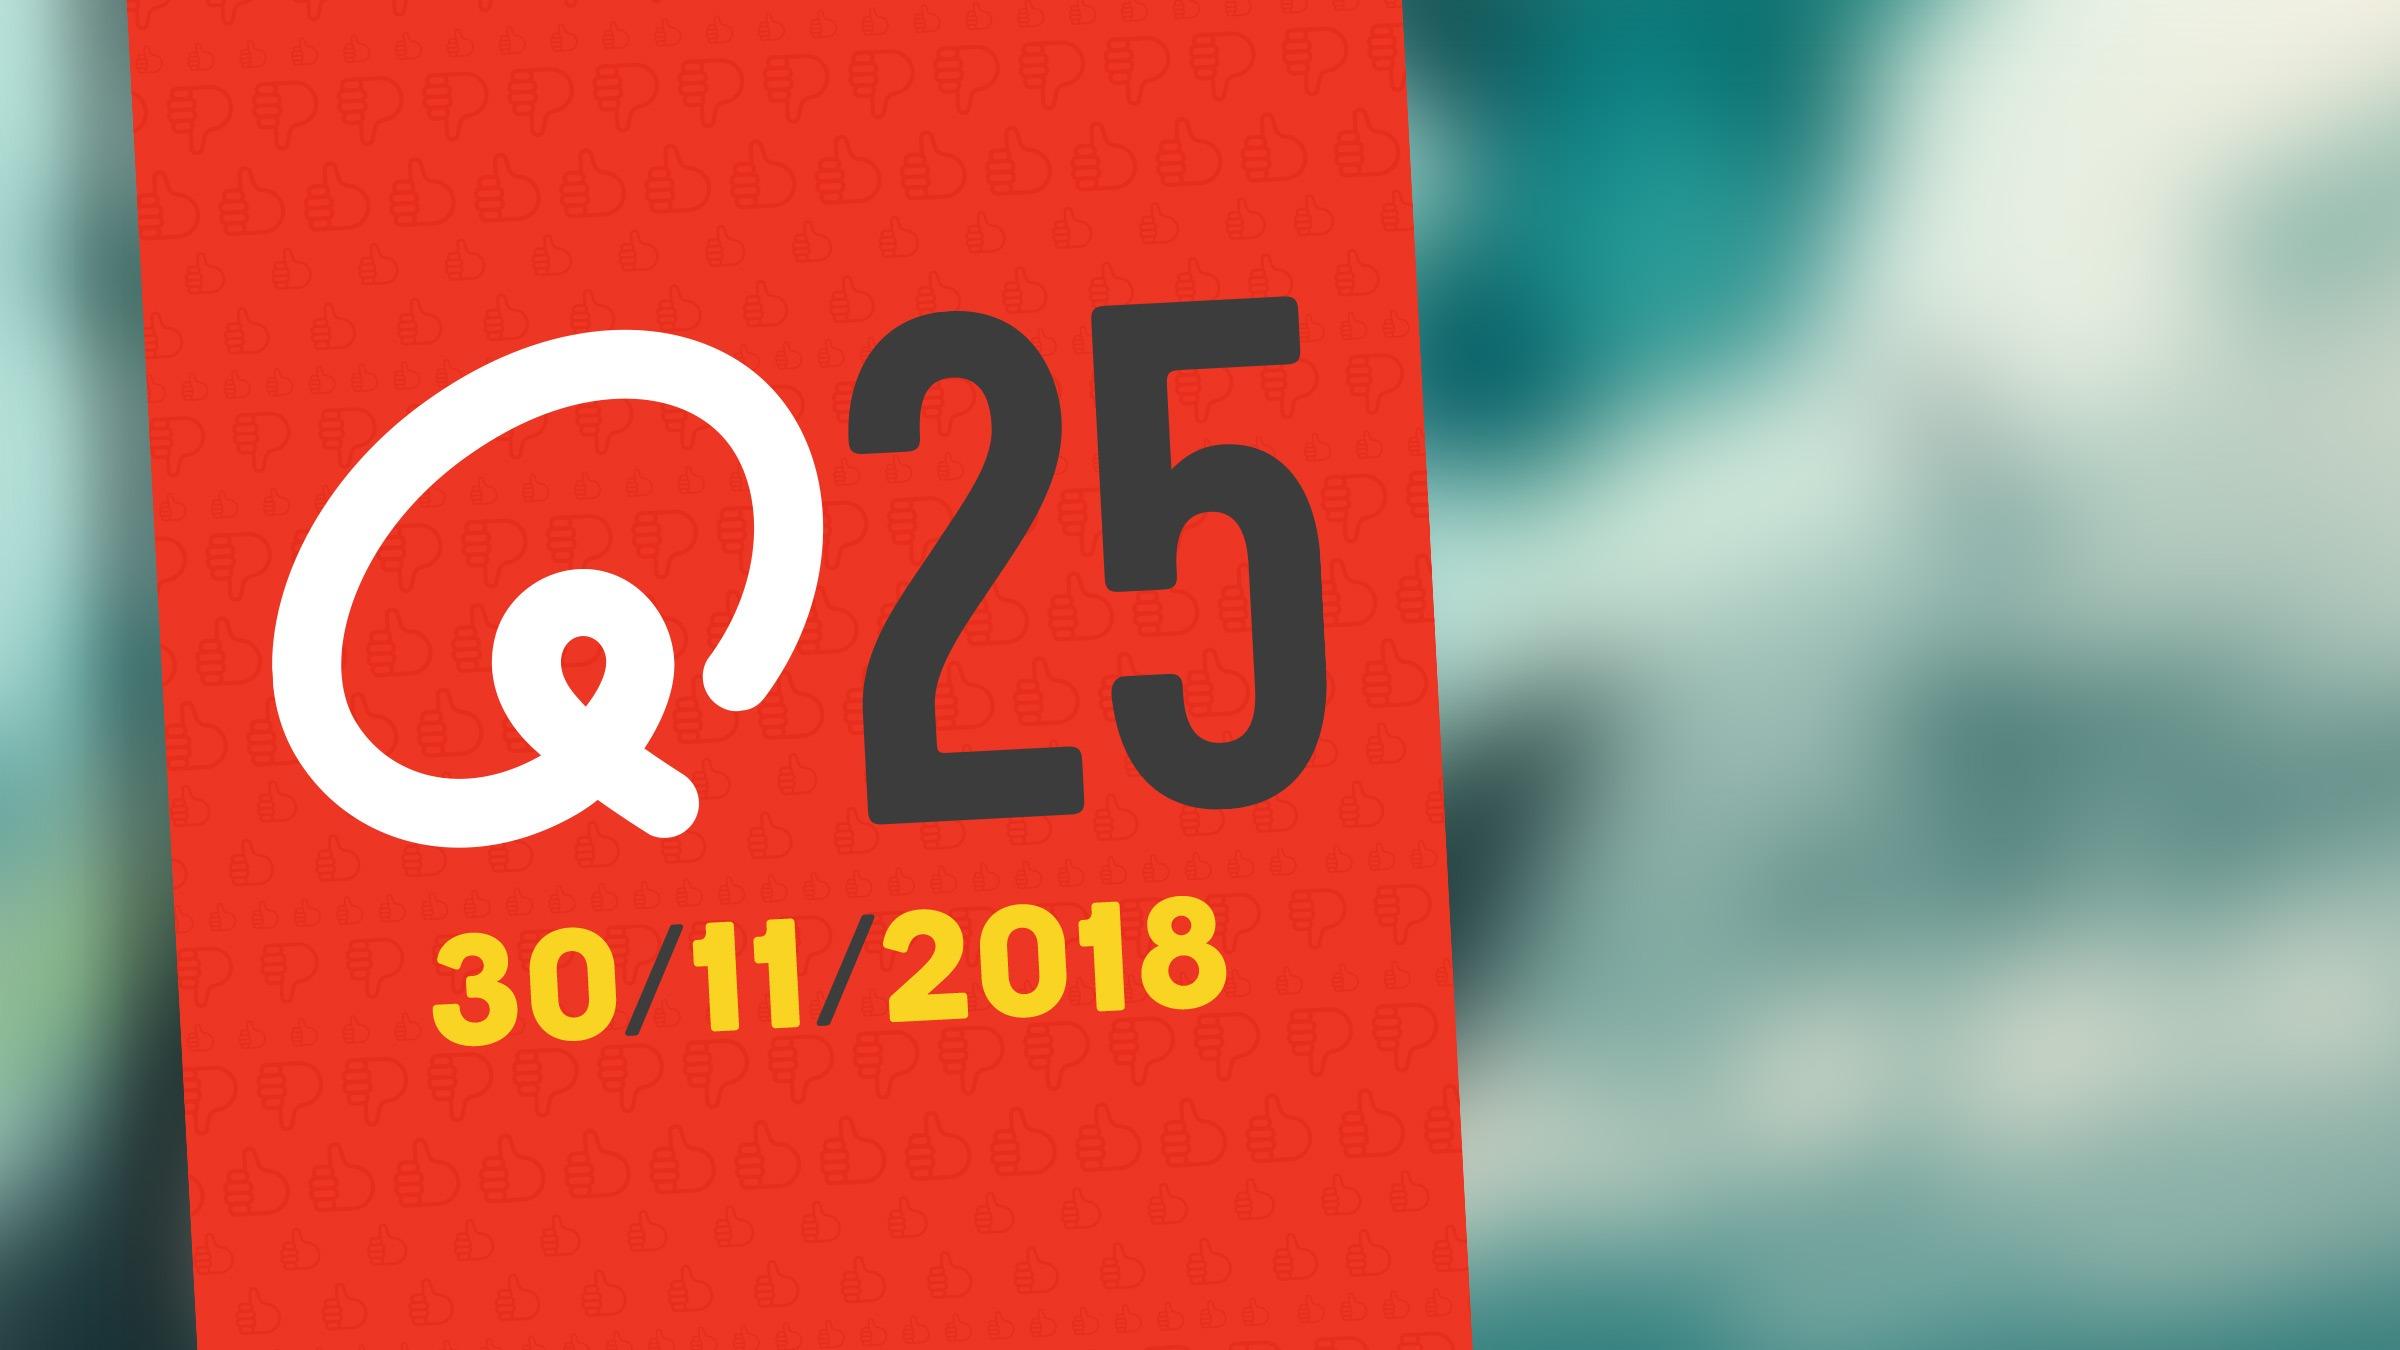 Qmusic teaser q25 1